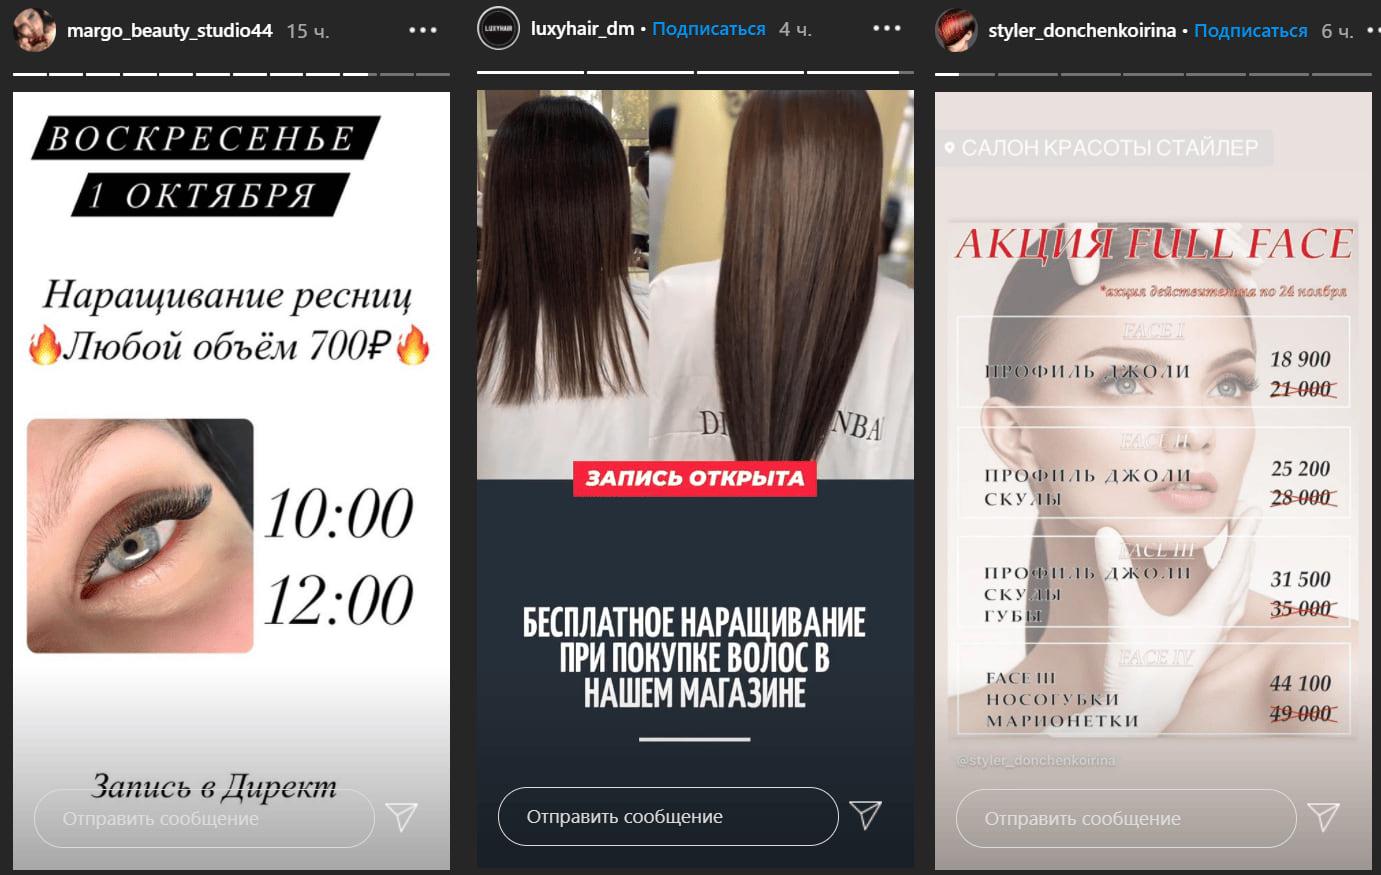 Примеры Инстаграм Историй об акциях и скидках